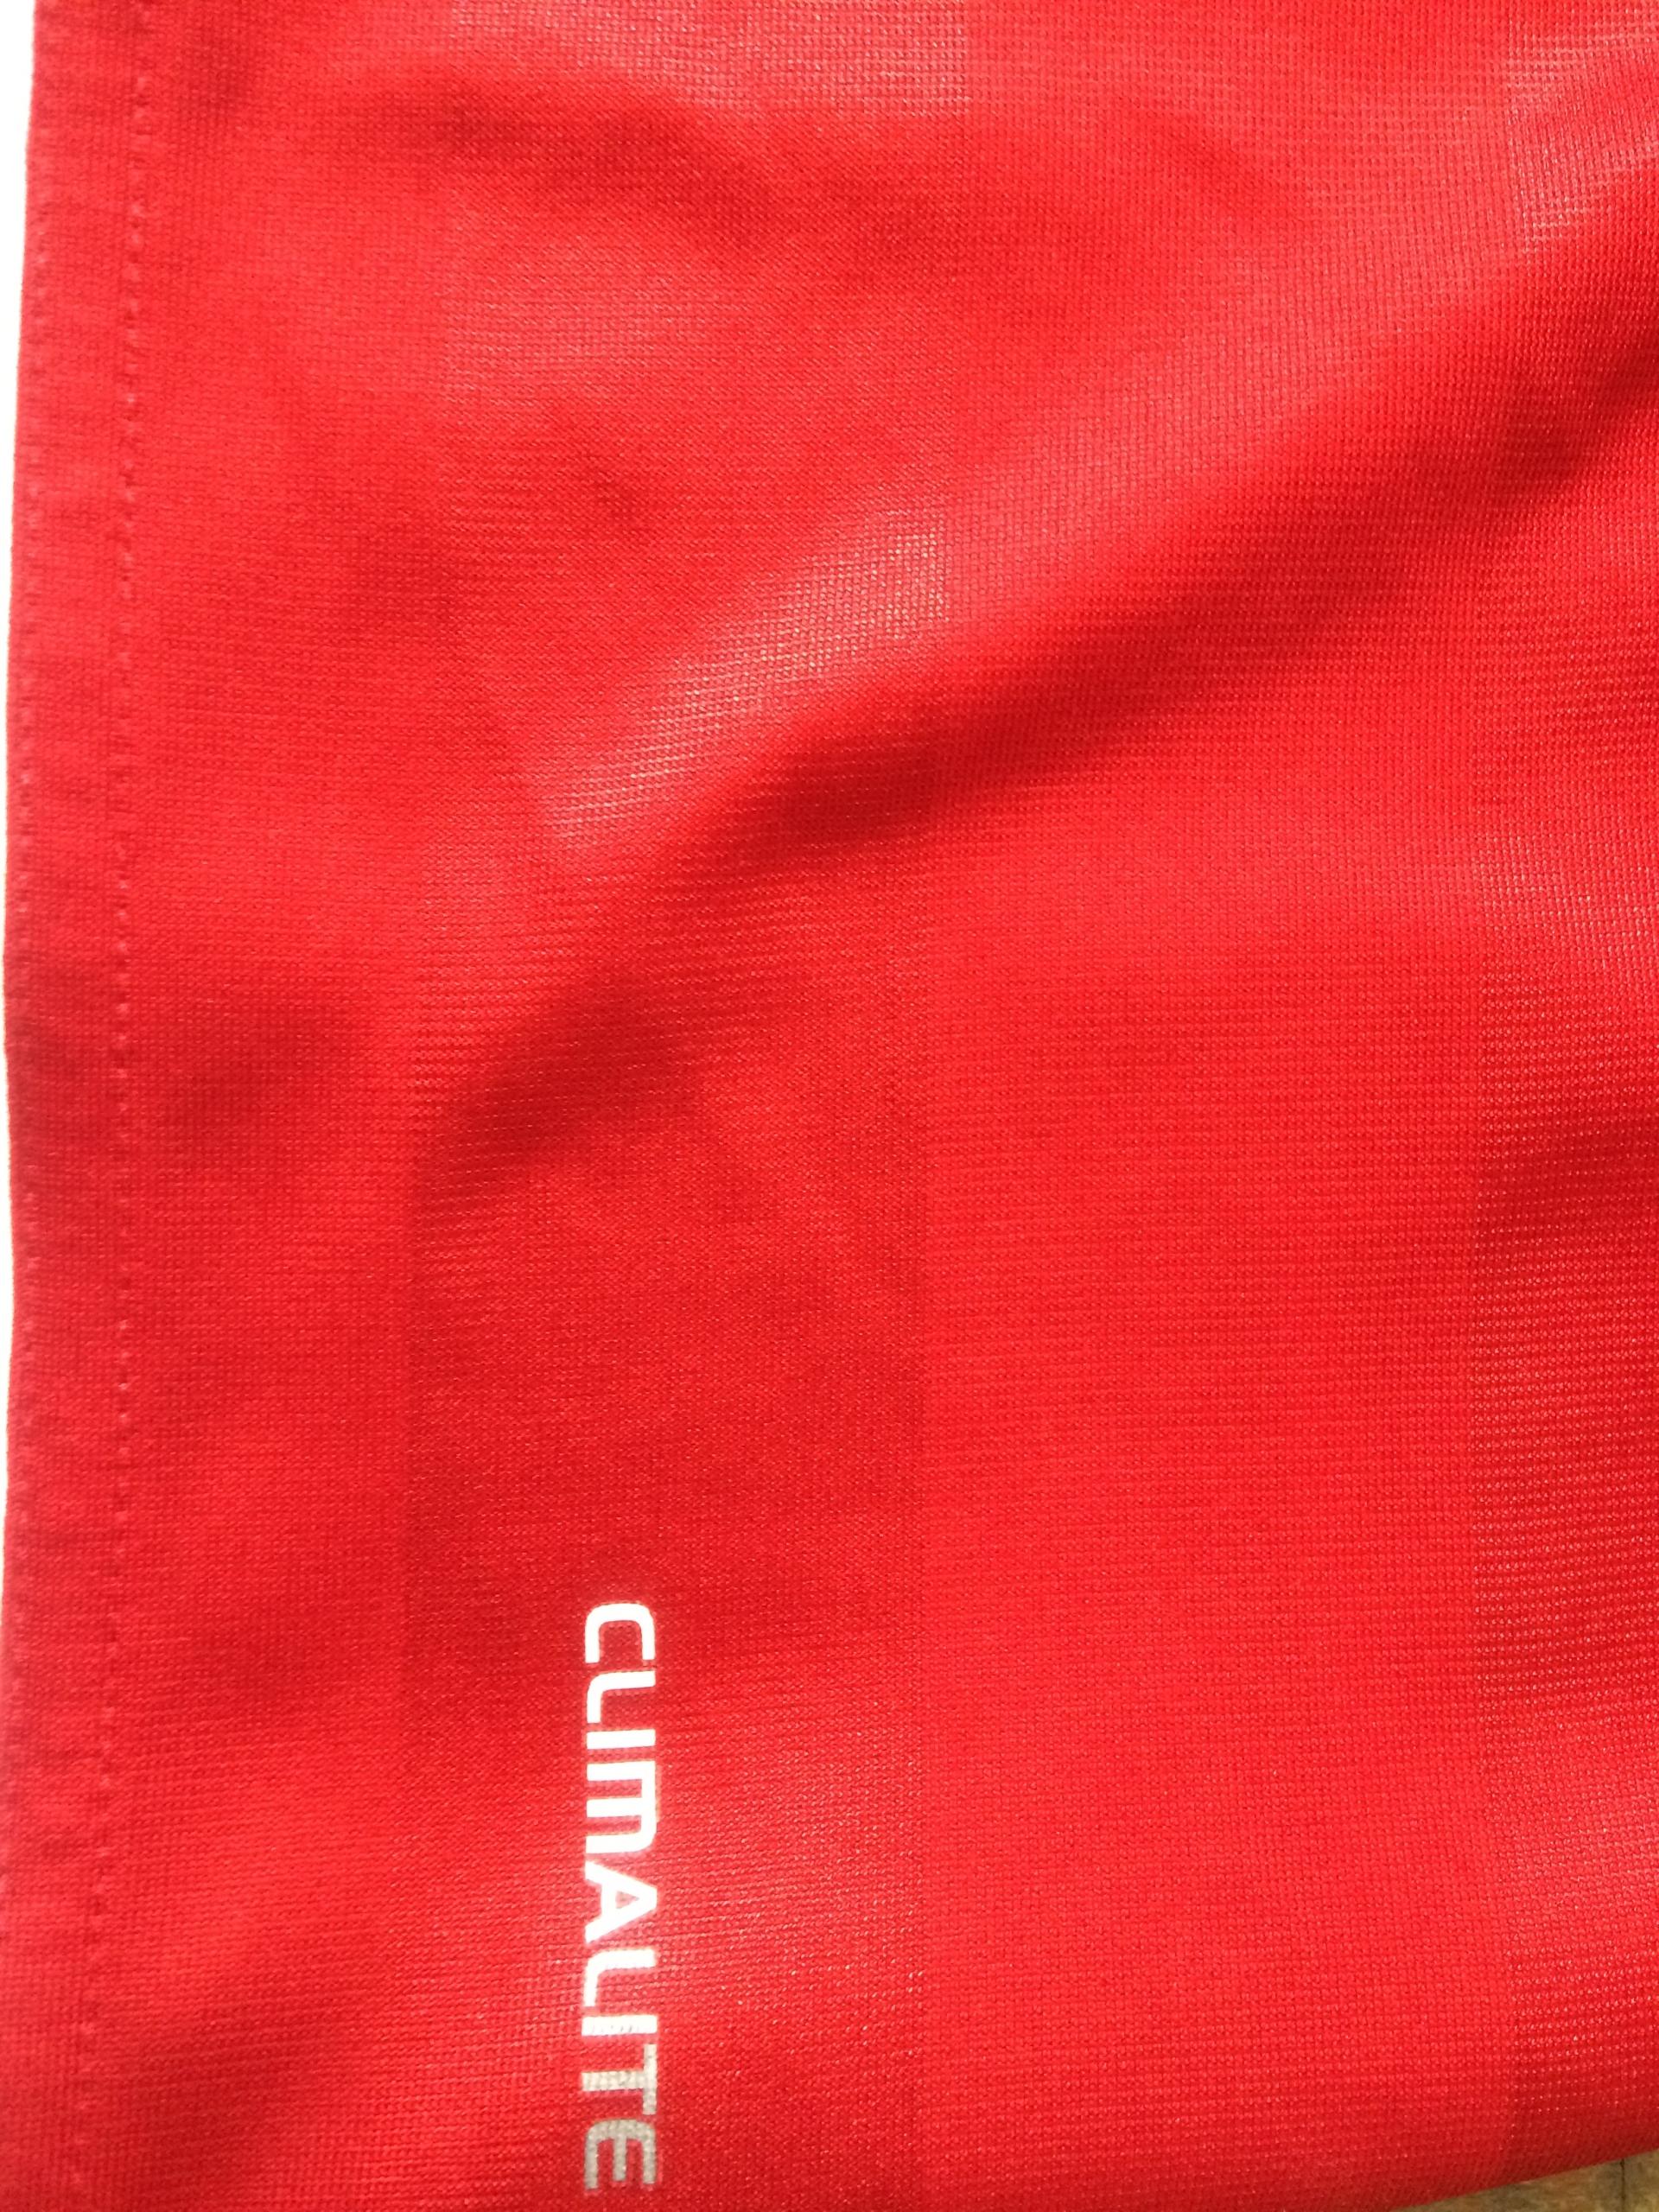 99a730f97f7d1 T-shirt Adidas koszulka Polska herb L - 7642830440 - oficjalne ...